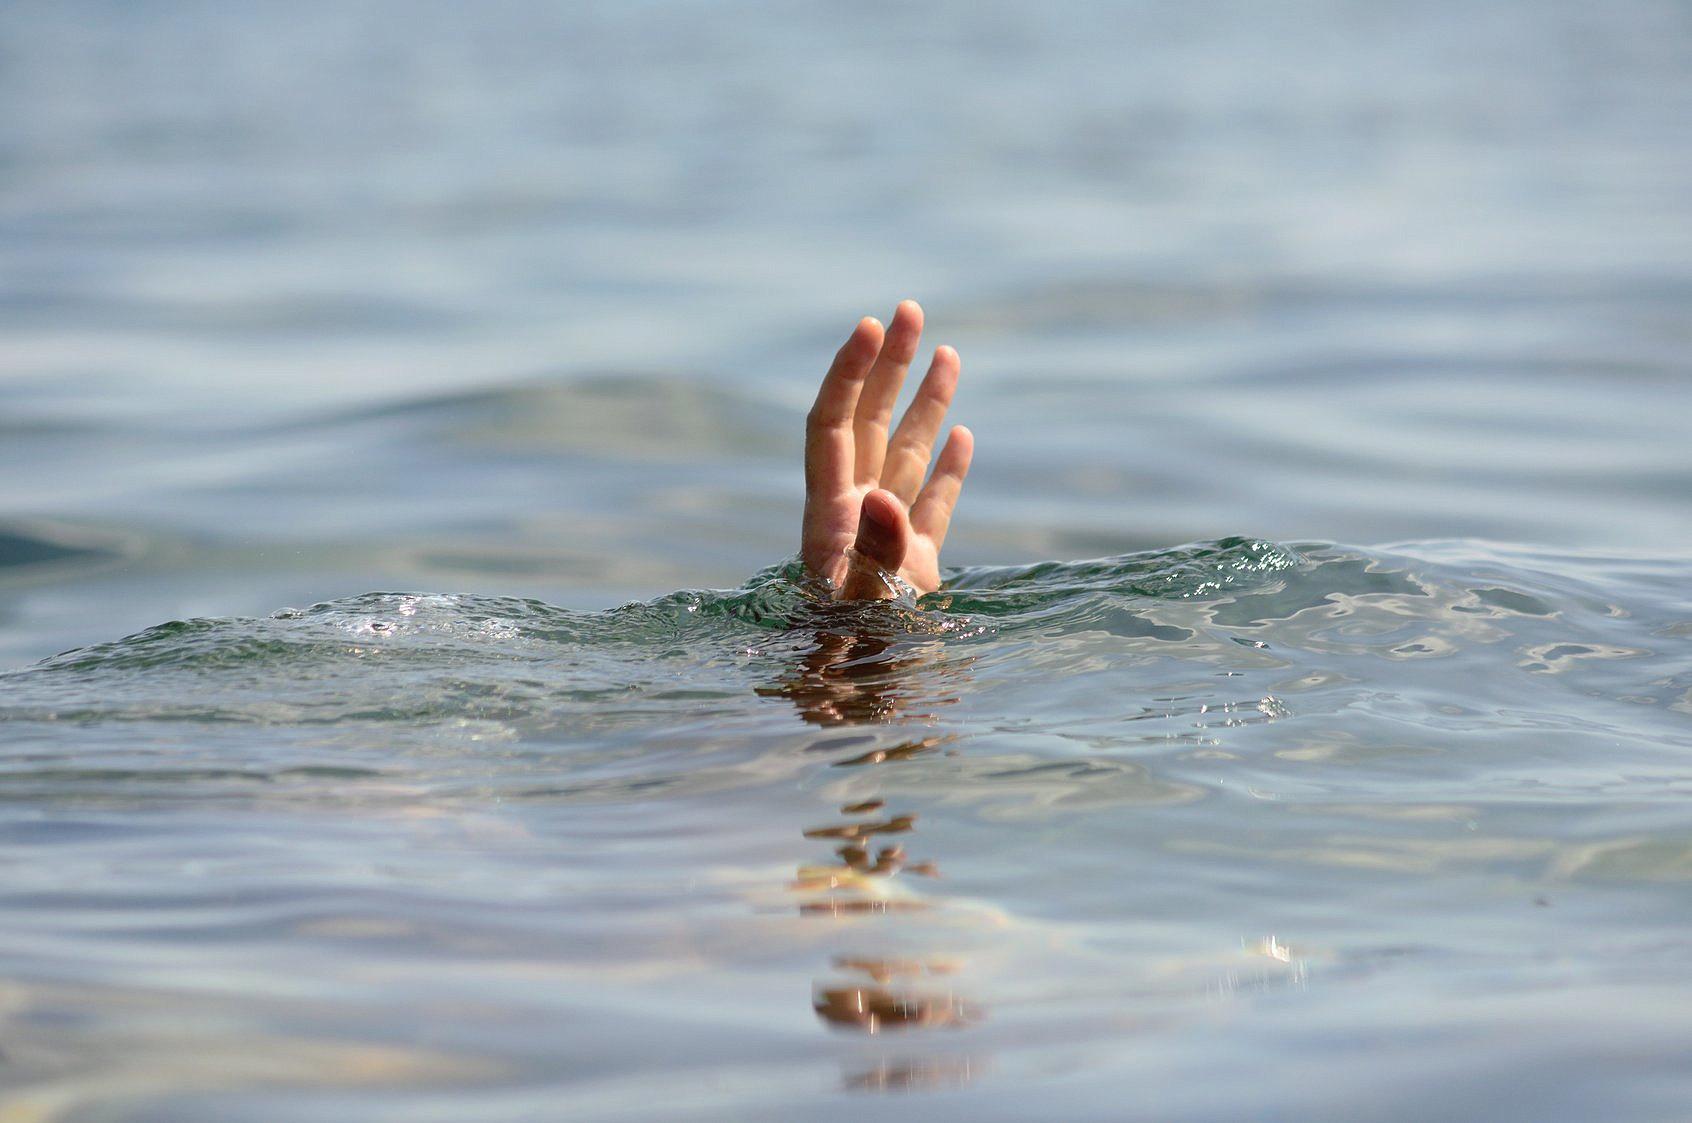 Полиция установила личность утопленницы, которую нашли у верхнего шлюза Каховской ГЭС